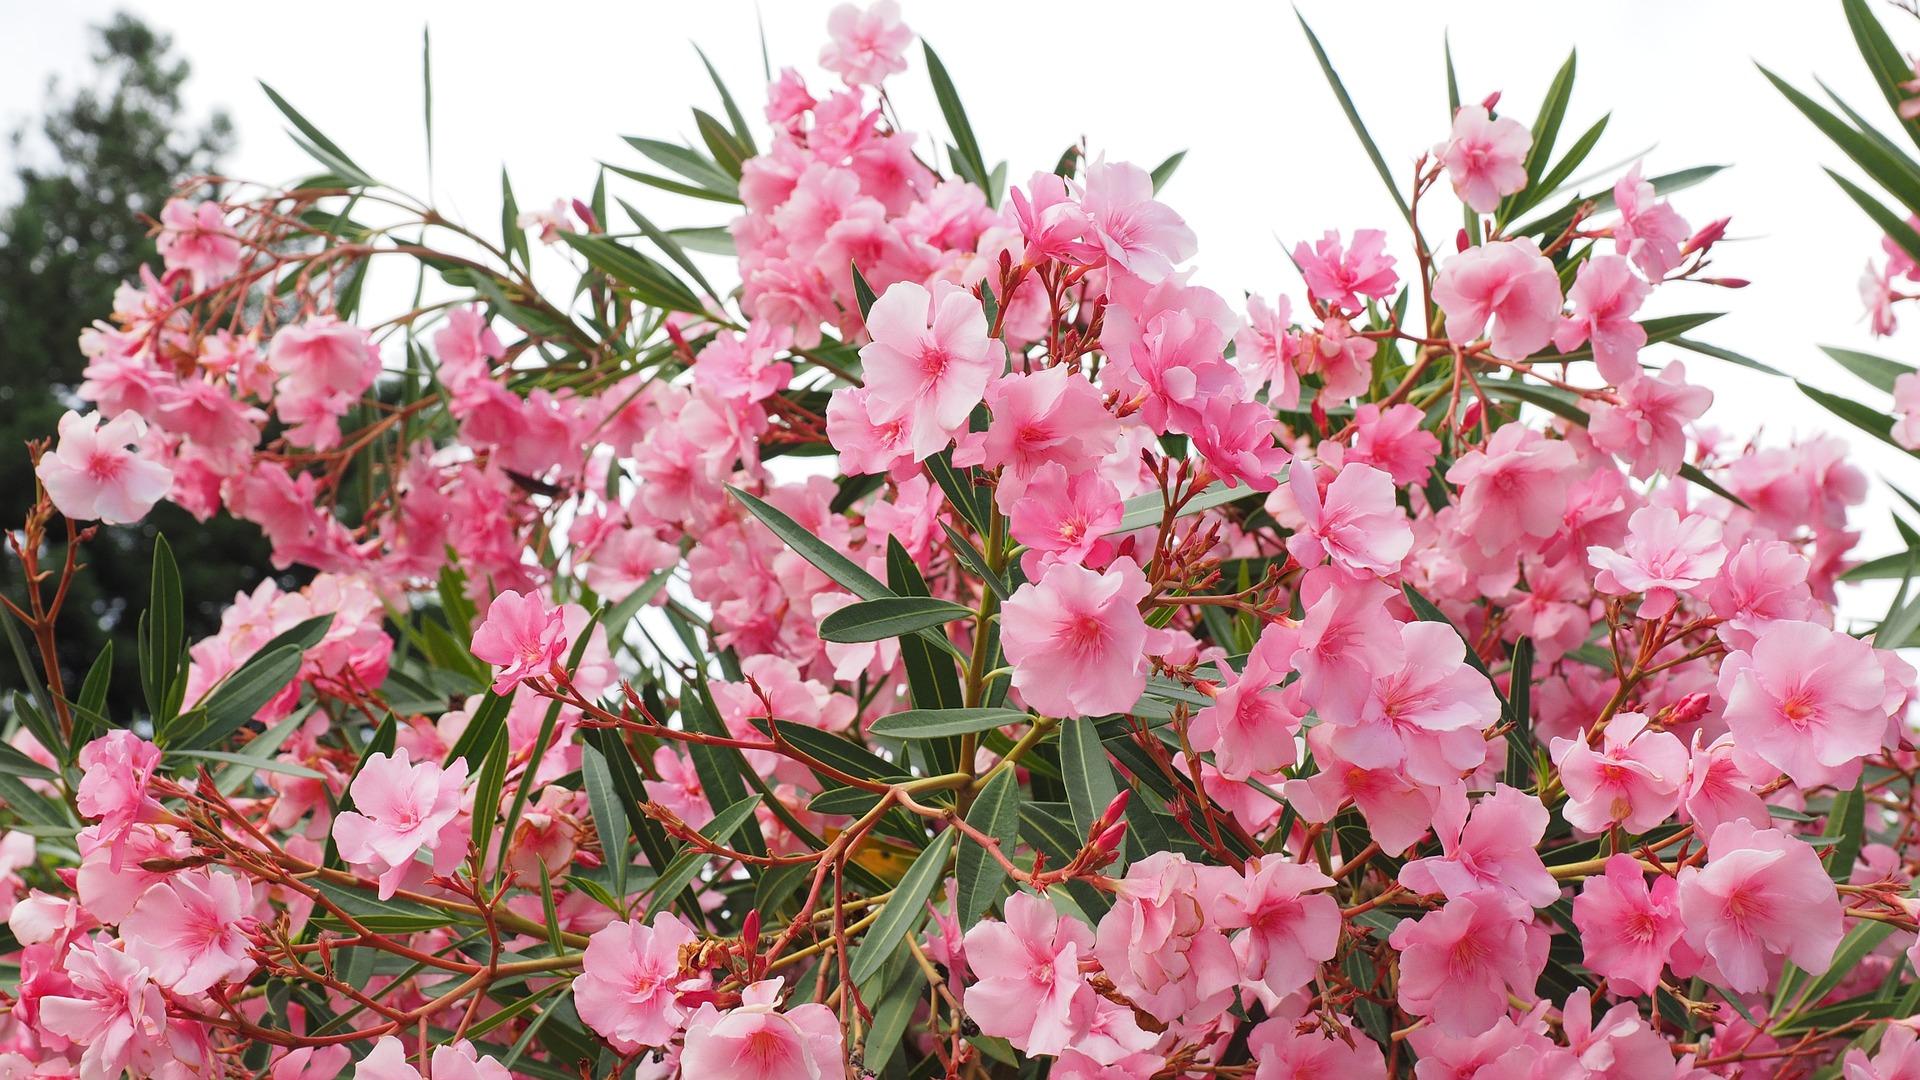 Oleander-flowers